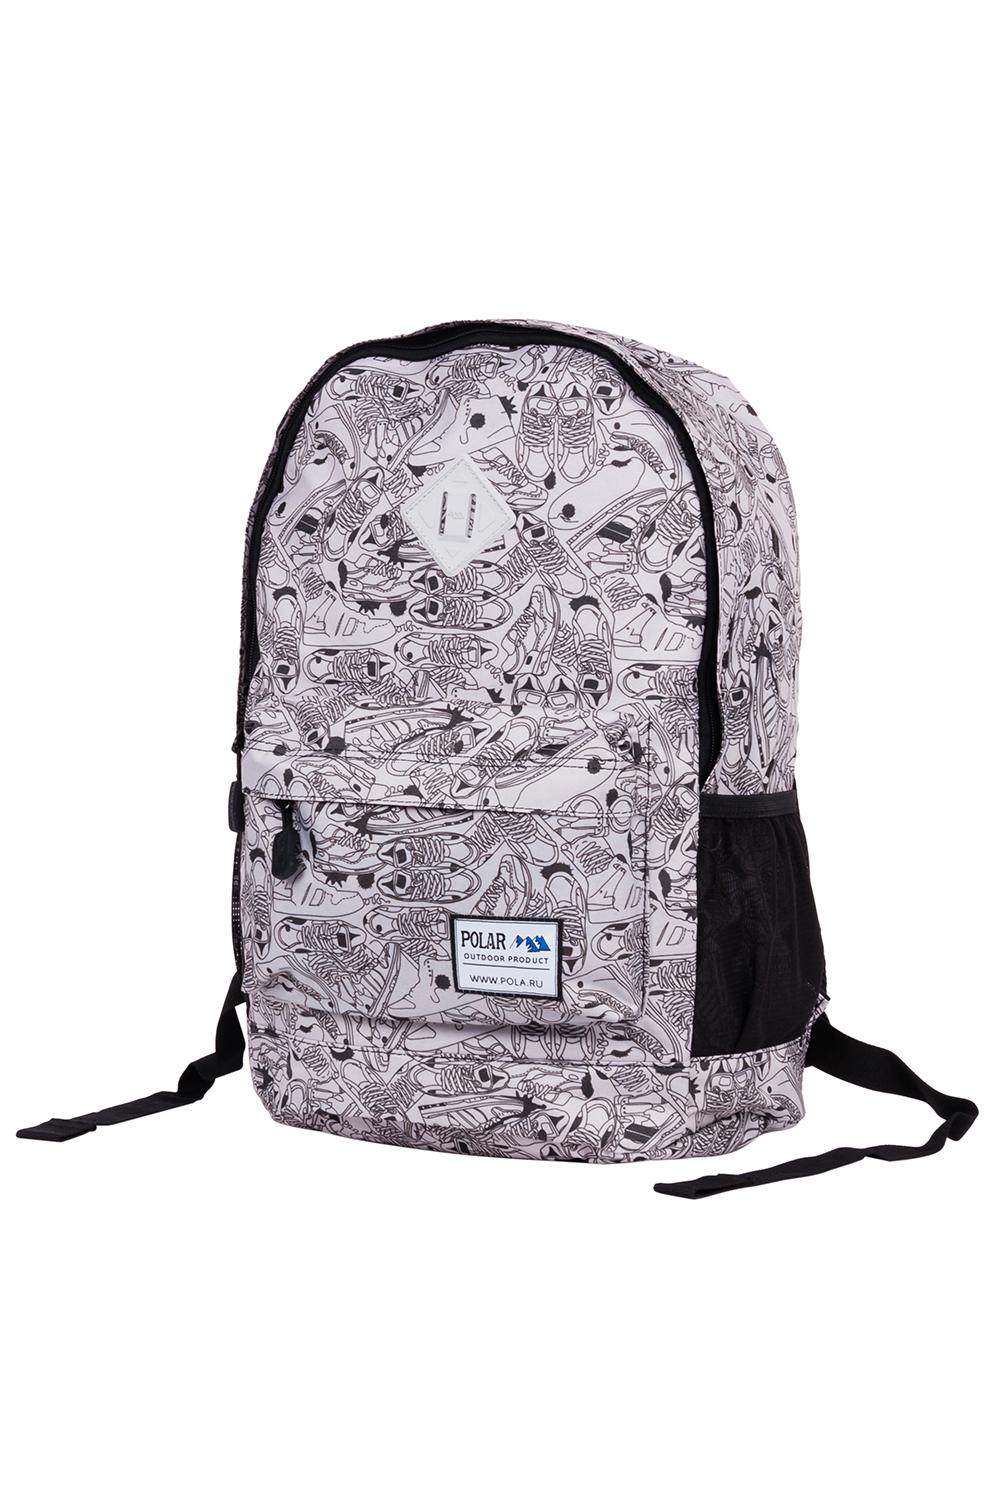 РюкзакРюкзаки<br>Модный рюкзак для активного отдыха или занятий спортом из качественных ярких материалов. Одно основное отделение на двухсторонней молнии. Снаружи передний карман на молнии, удобные лямки и ручка.  Размеры: 33*16*43 см  Цвет: серый, черный<br><br>По материалу: Тканевые<br>По рисунку: Цветные,С принтом<br>По силуэту стенок: Прямоугольные<br>По способу ношения: На плечо<br>По степени жесткости: Мягкие<br>По типу застежки: С застежкой молнией<br>Ручки: Плечевые<br>По сезону: Всесезон<br>По стилю: Молодежный стиль,Повседневный стиль,Спортивный стиль<br>Размер : UNI<br>Материал: Полиэстер<br>Количество в наличии: 1